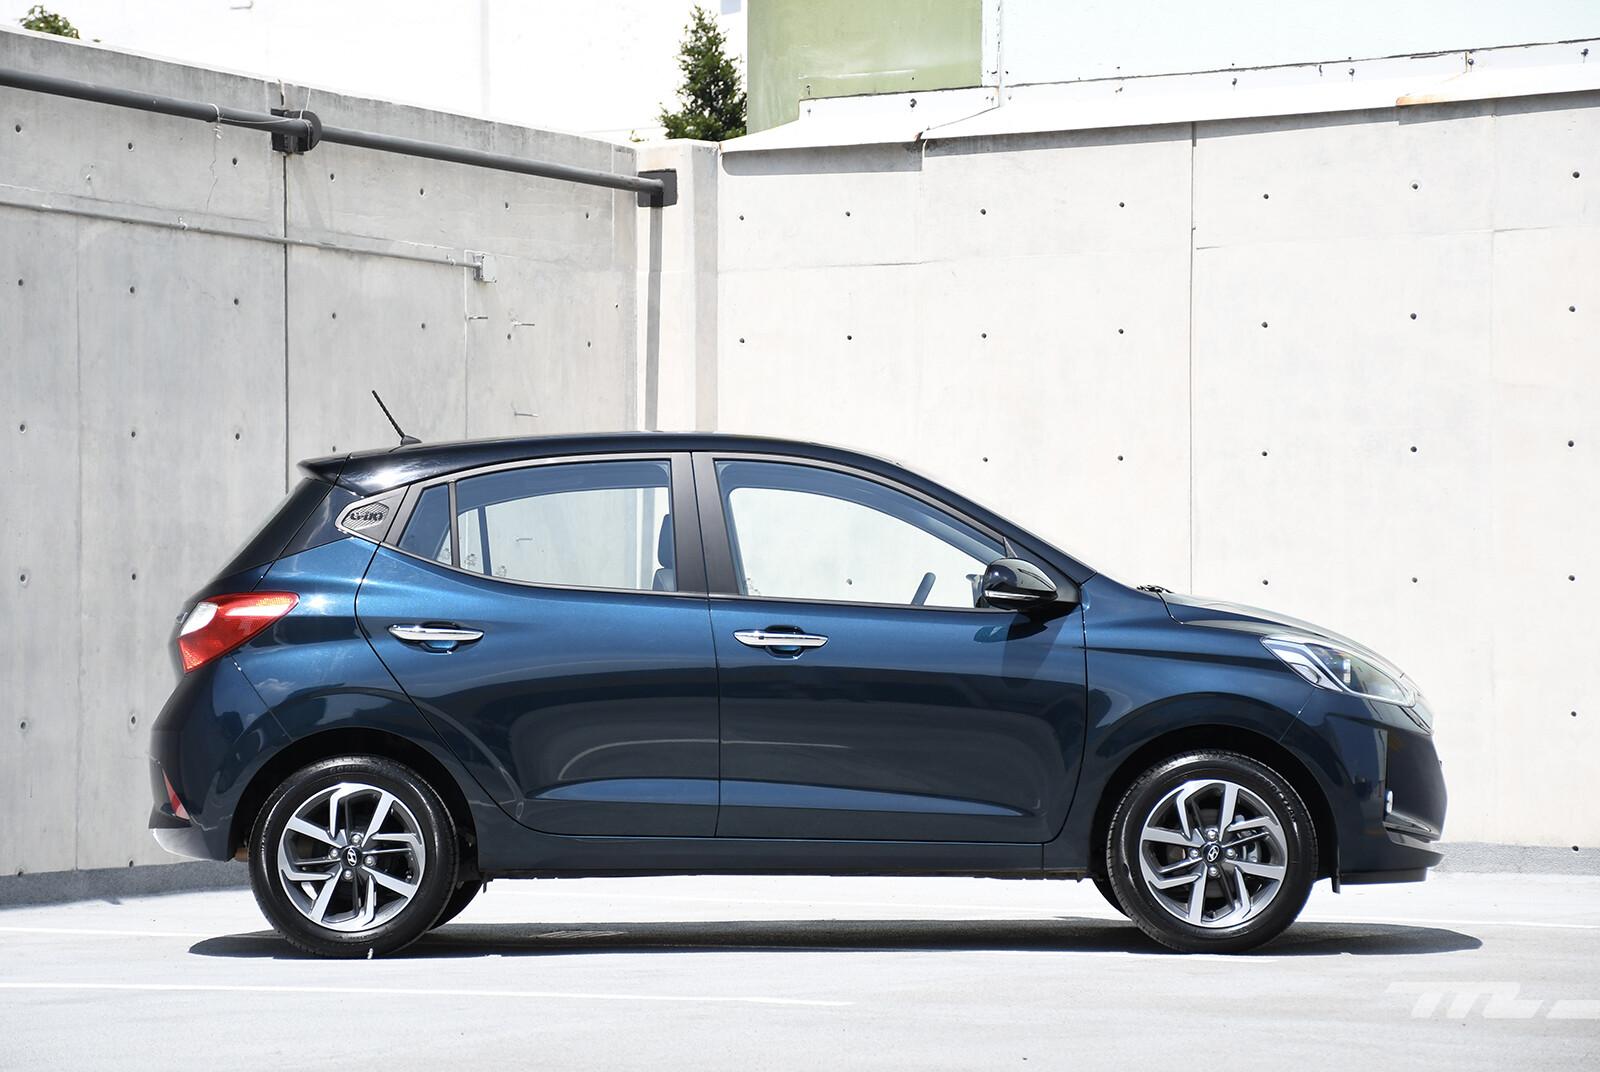 Foto de Hyundai Grand i10 2021 (prueba) (6/26)